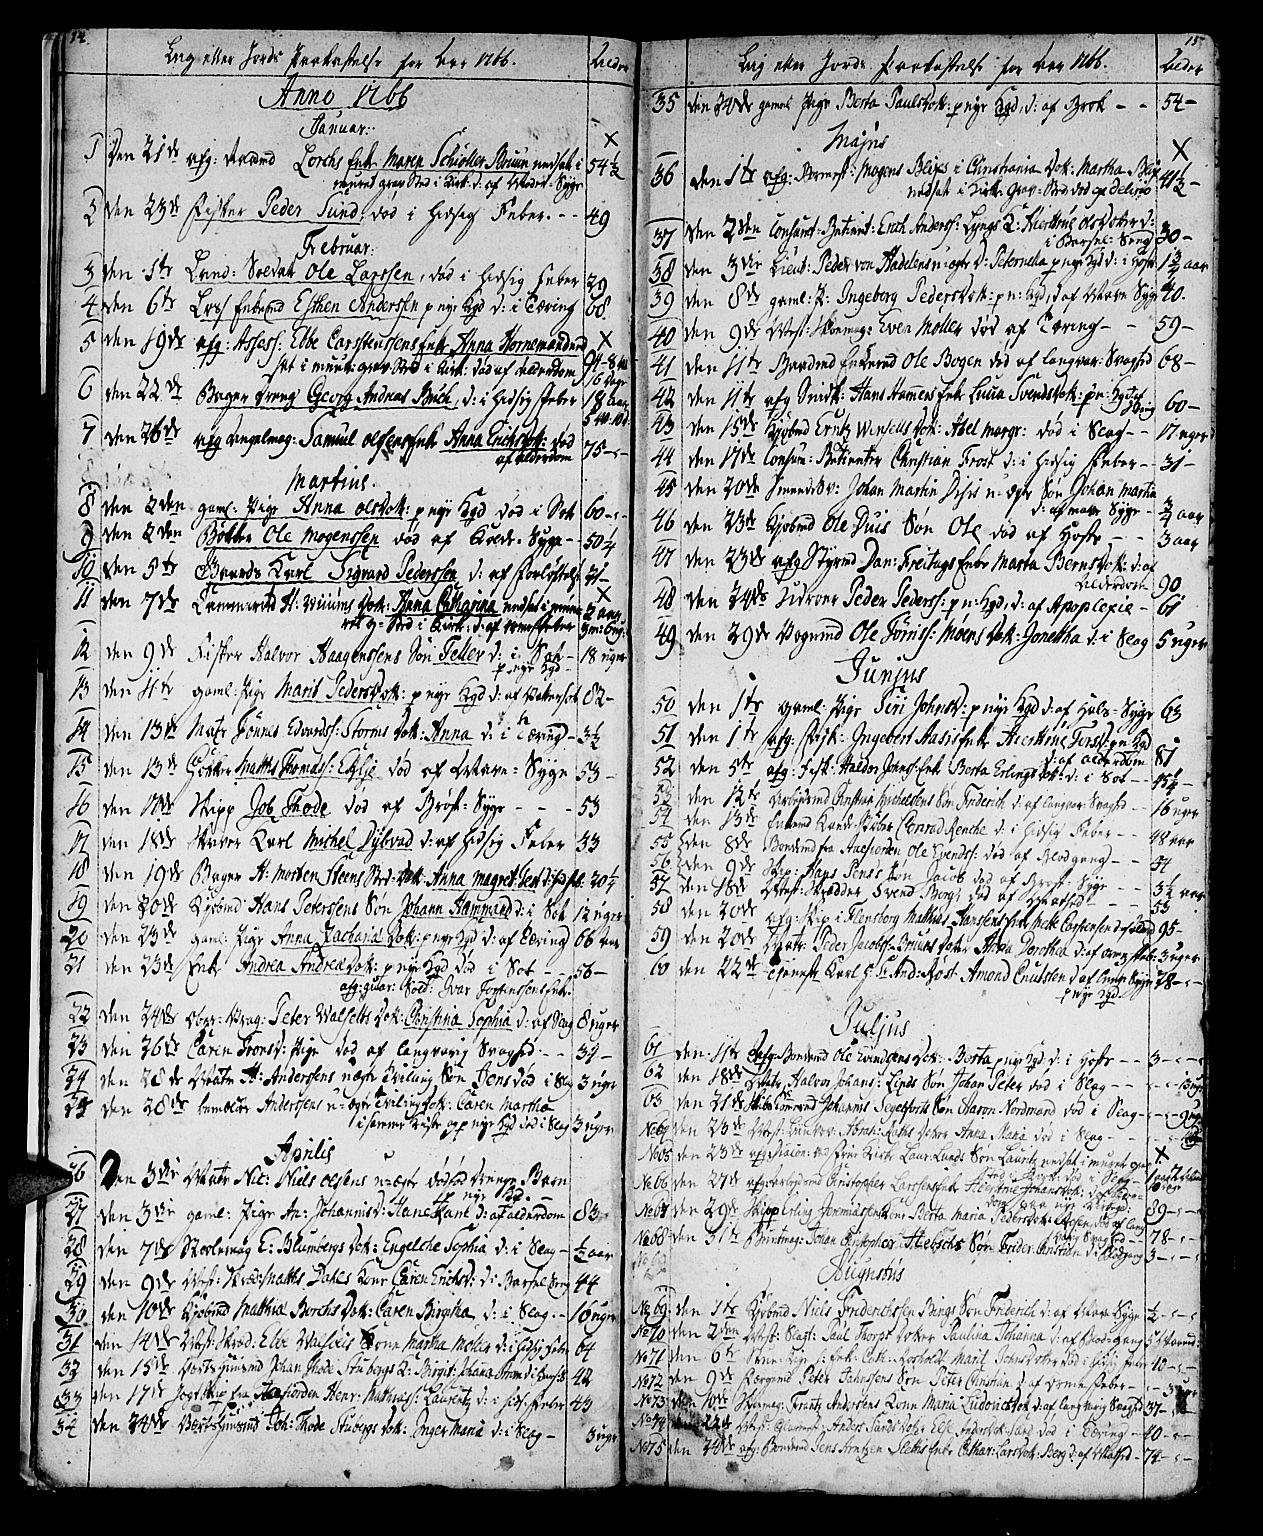 SAT, Ministerialprotokoller, klokkerbøker og fødselsregistre - Sør-Trøndelag, 602/L0134: Klokkerbok nr. 602C02, 1759-1812, s. 14-15